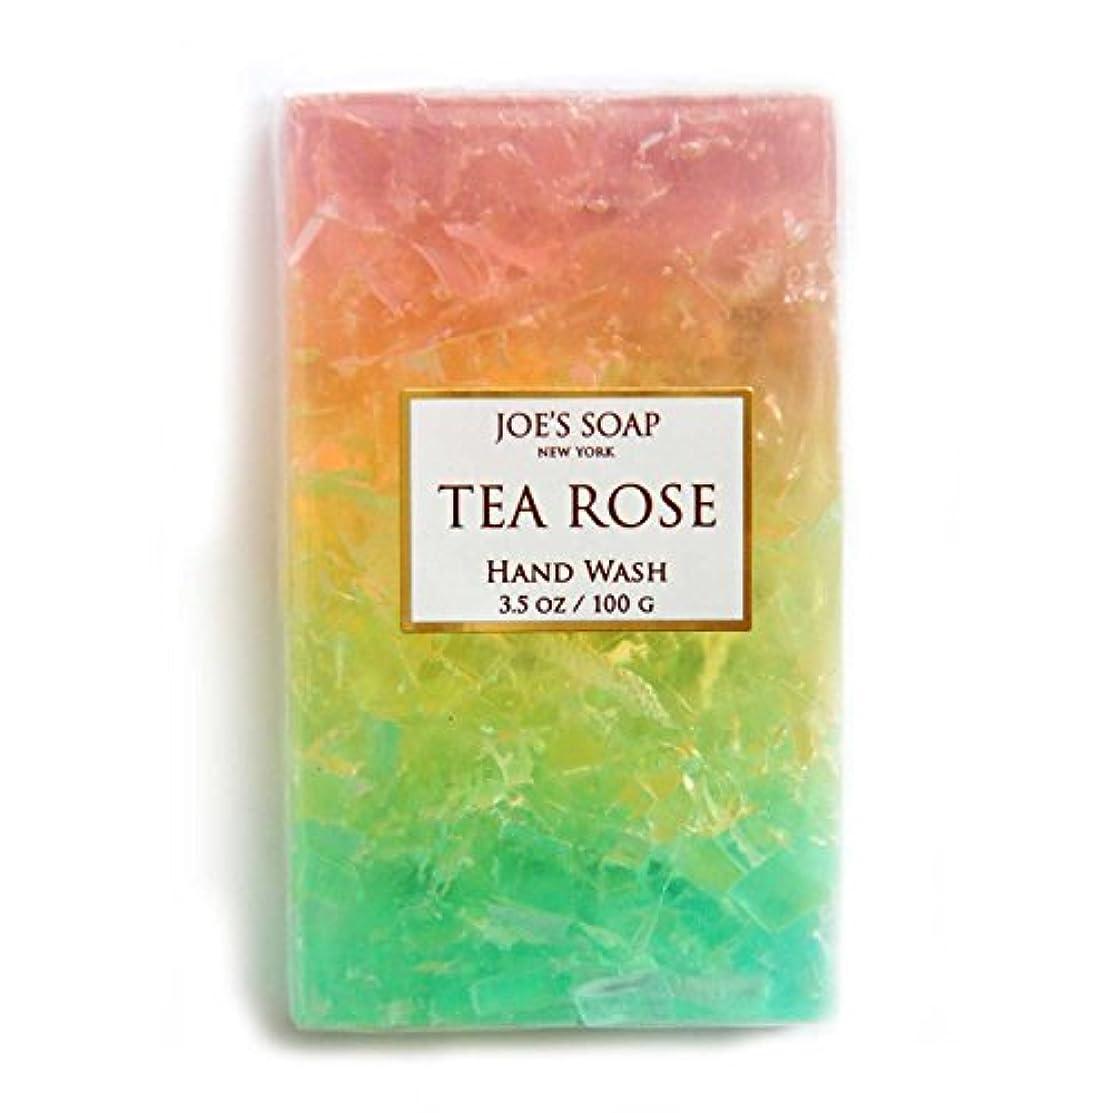 失礼アーティファクトランドマークJOE'S SOAP ジョーズソープ グラスソープ 100g 石けん ボディソープ 洗顔料 せっけん 固形 ギフト